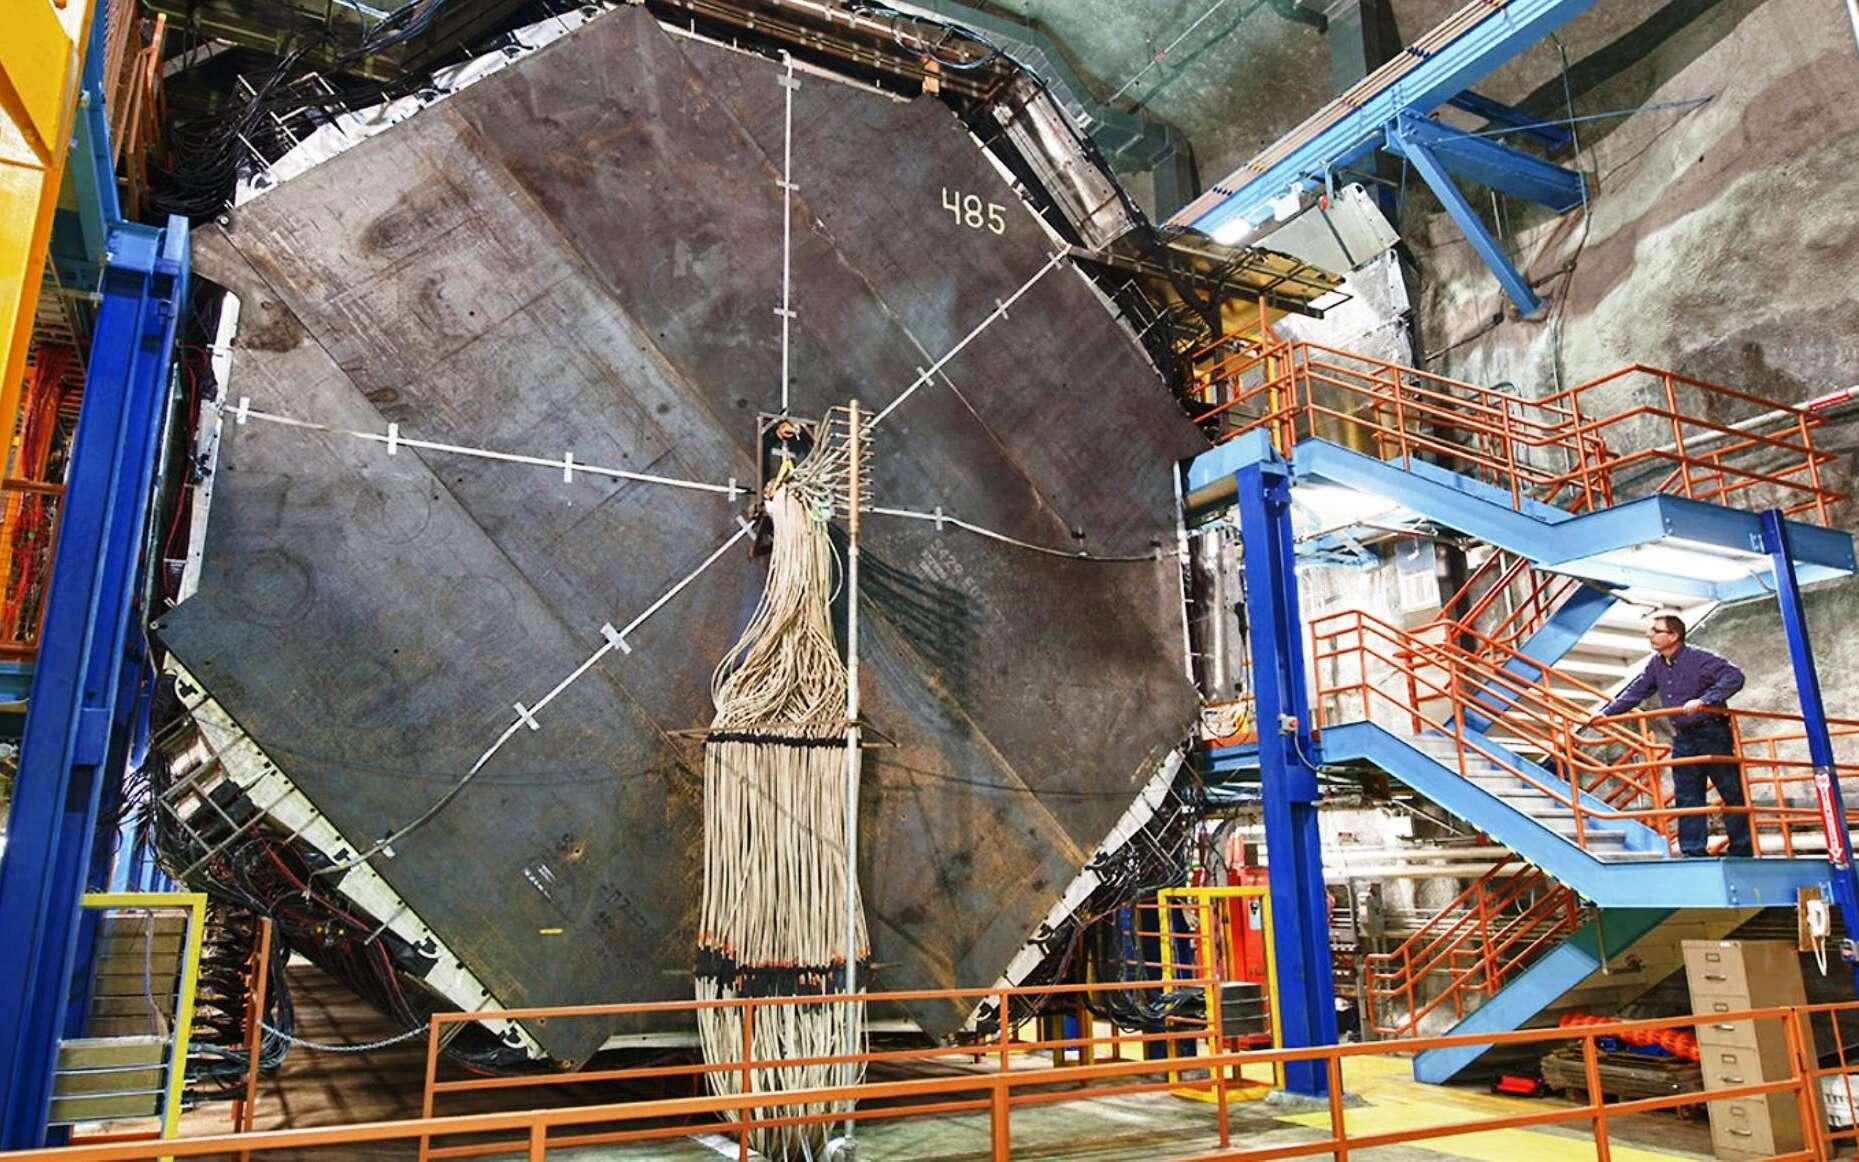 Main Injector Neutrino Oscillation Search (Minos) est une expérience conduite aux États-Unis avec des faisceaux de neutrinos produits non loin de Chicago, au Fermilab. Ces faisceaux sont envoyés à travers le sol en direction du détecteur photographié ici, installé dans une mine à 735 kilomètres de distance. L'expérience permet d'explorer la physique des oscillations de neutrinos. © Reidar Hahn, Fermilab